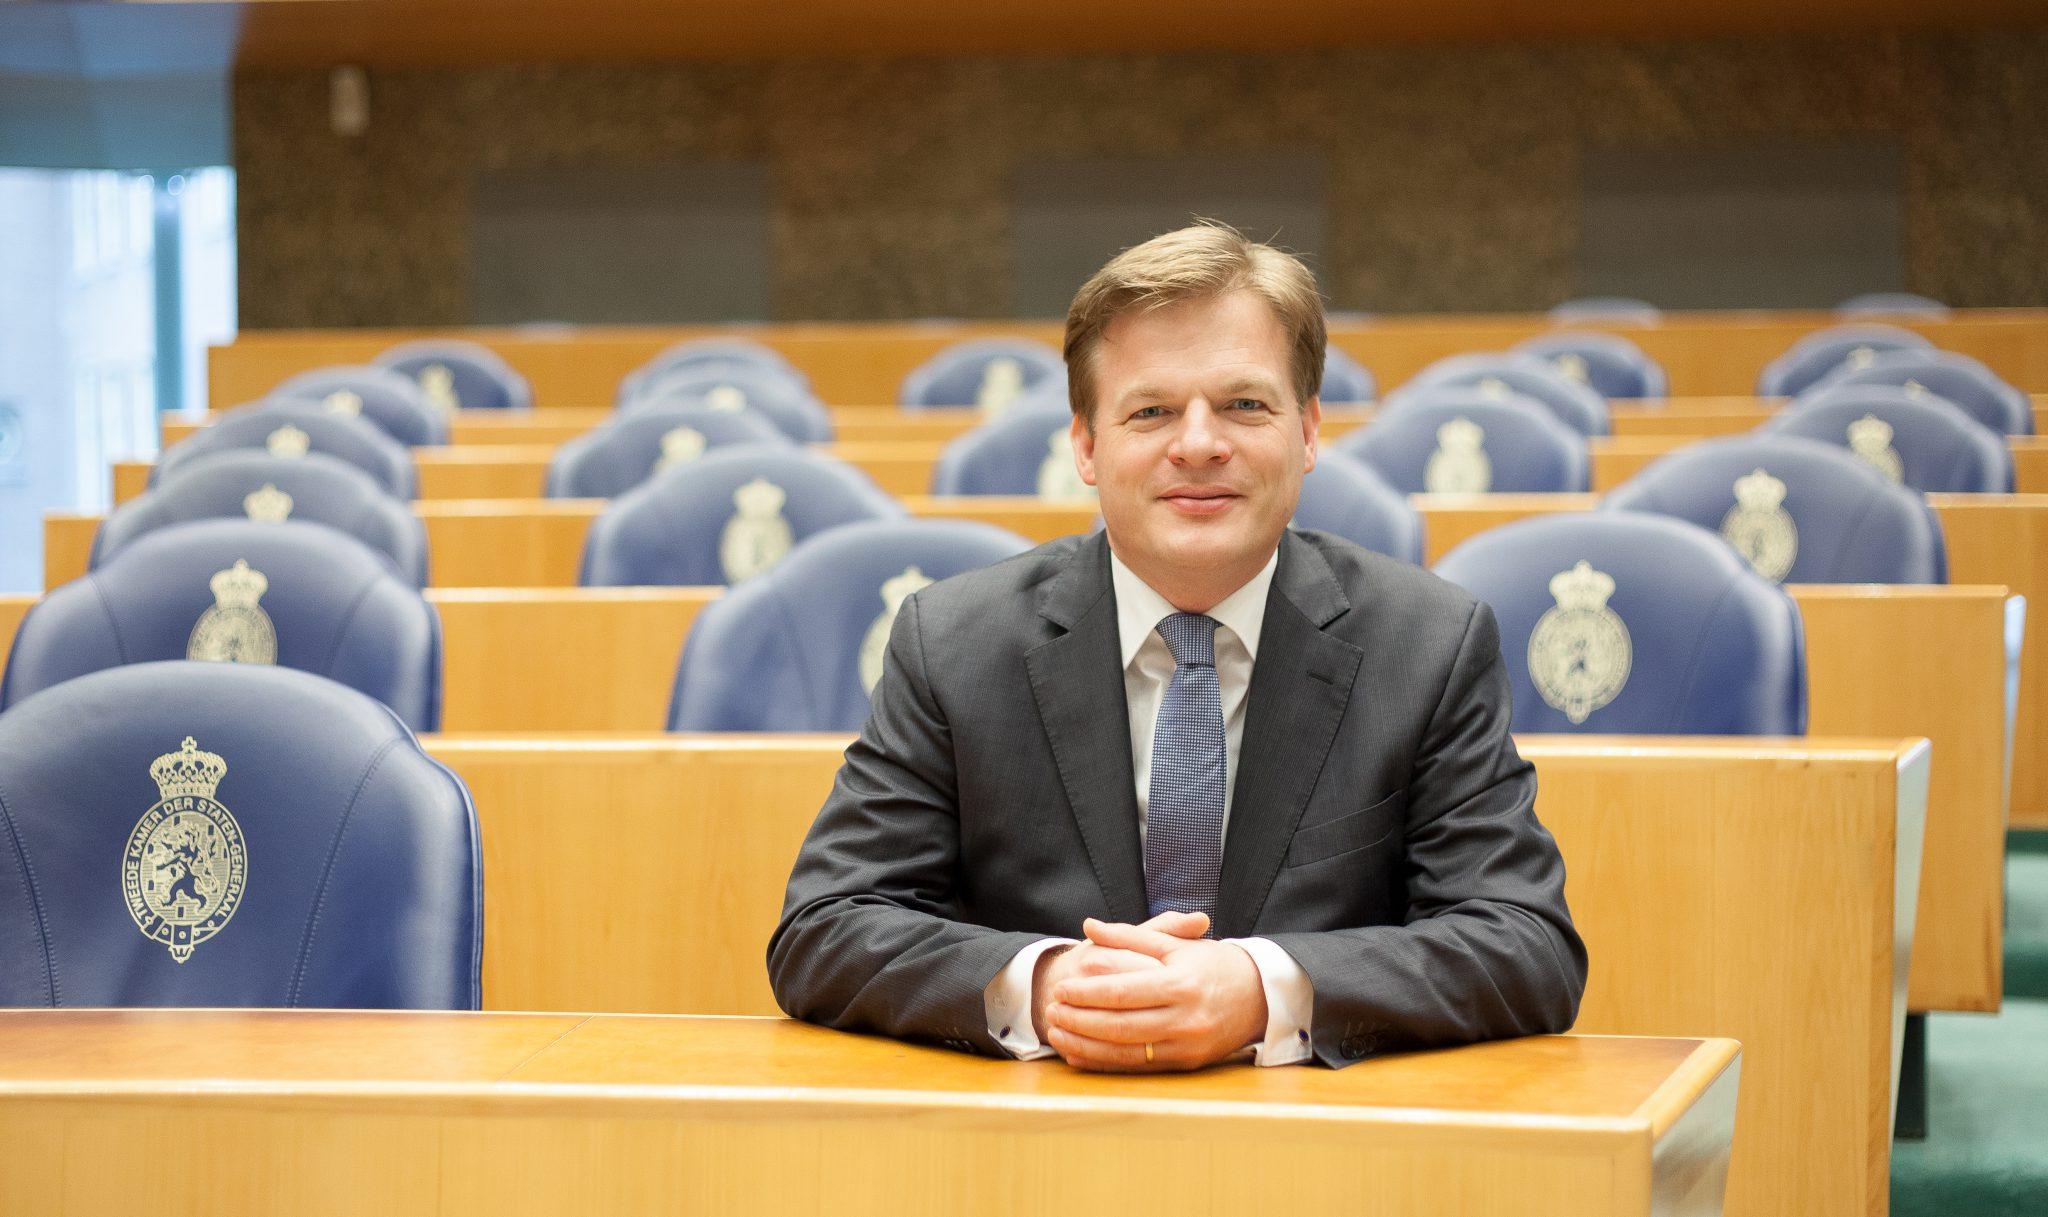 Deputeti holandez ngre pyetje për shkeljet që qeveria Rama i ka bërë MSA-së